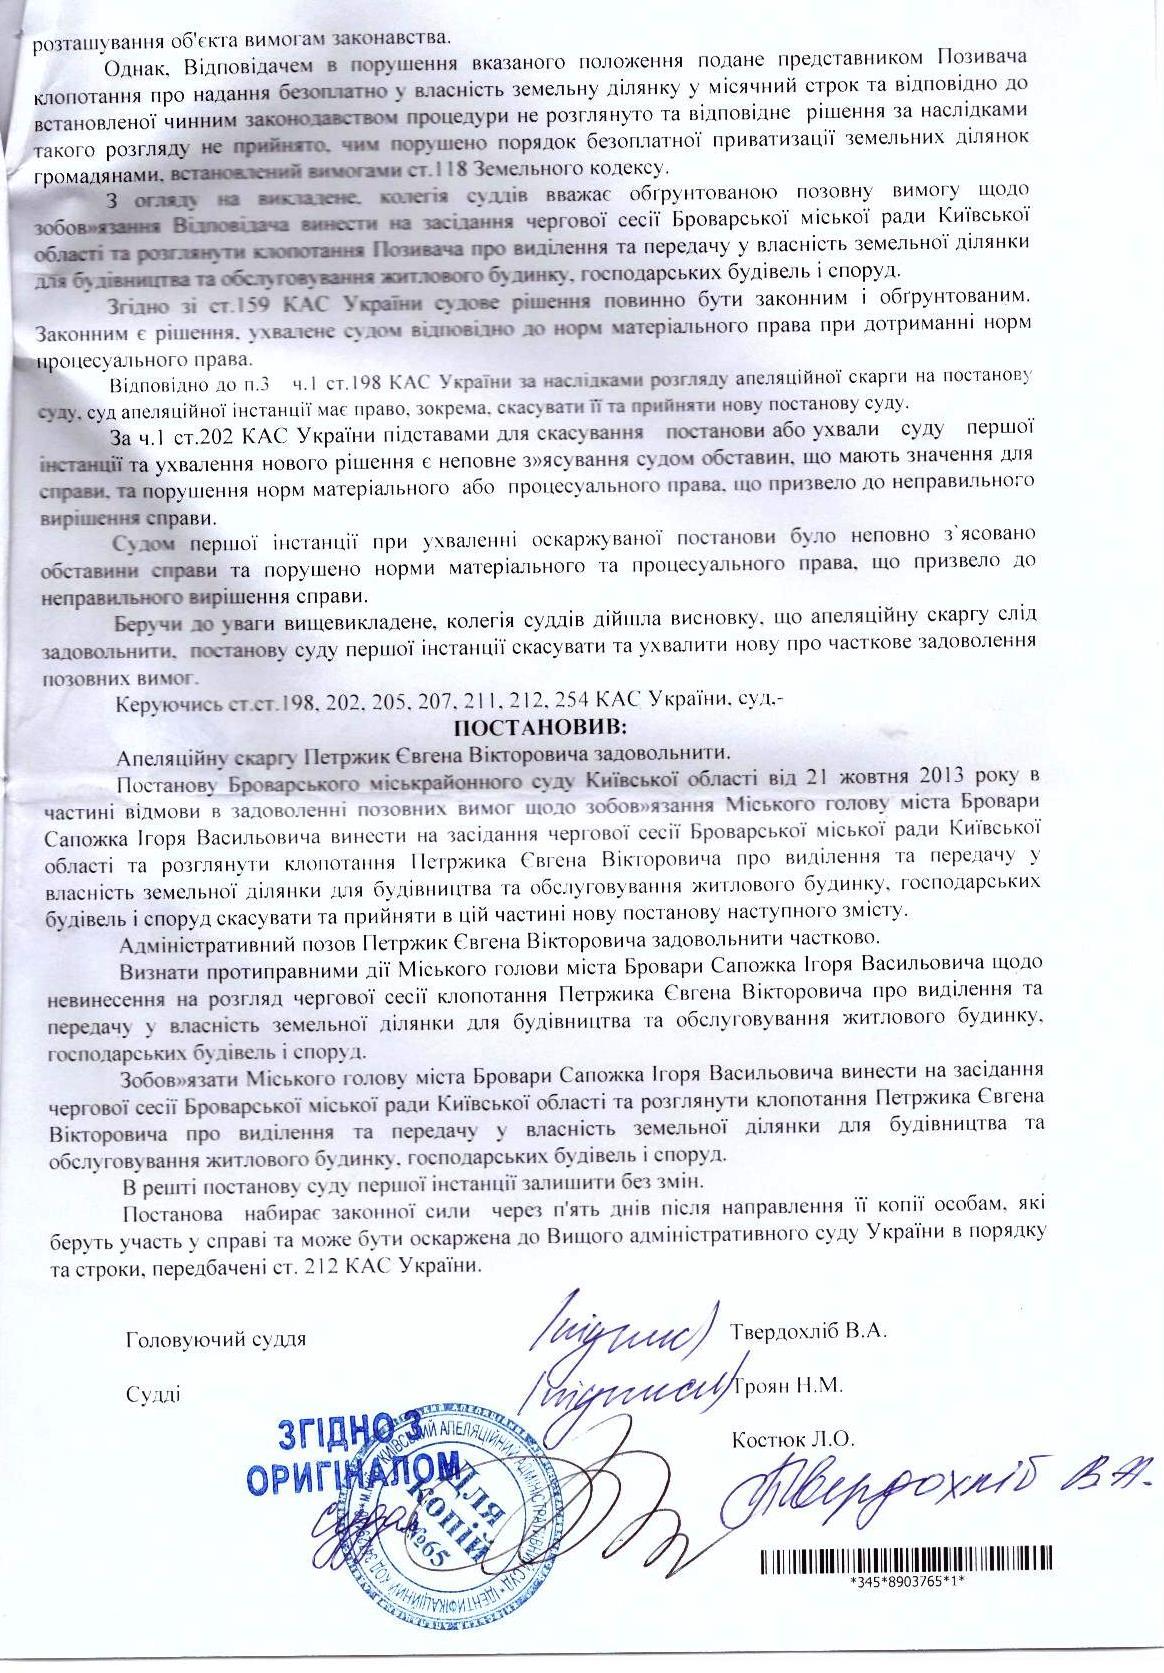 Київський апеляційний адмінсуд2